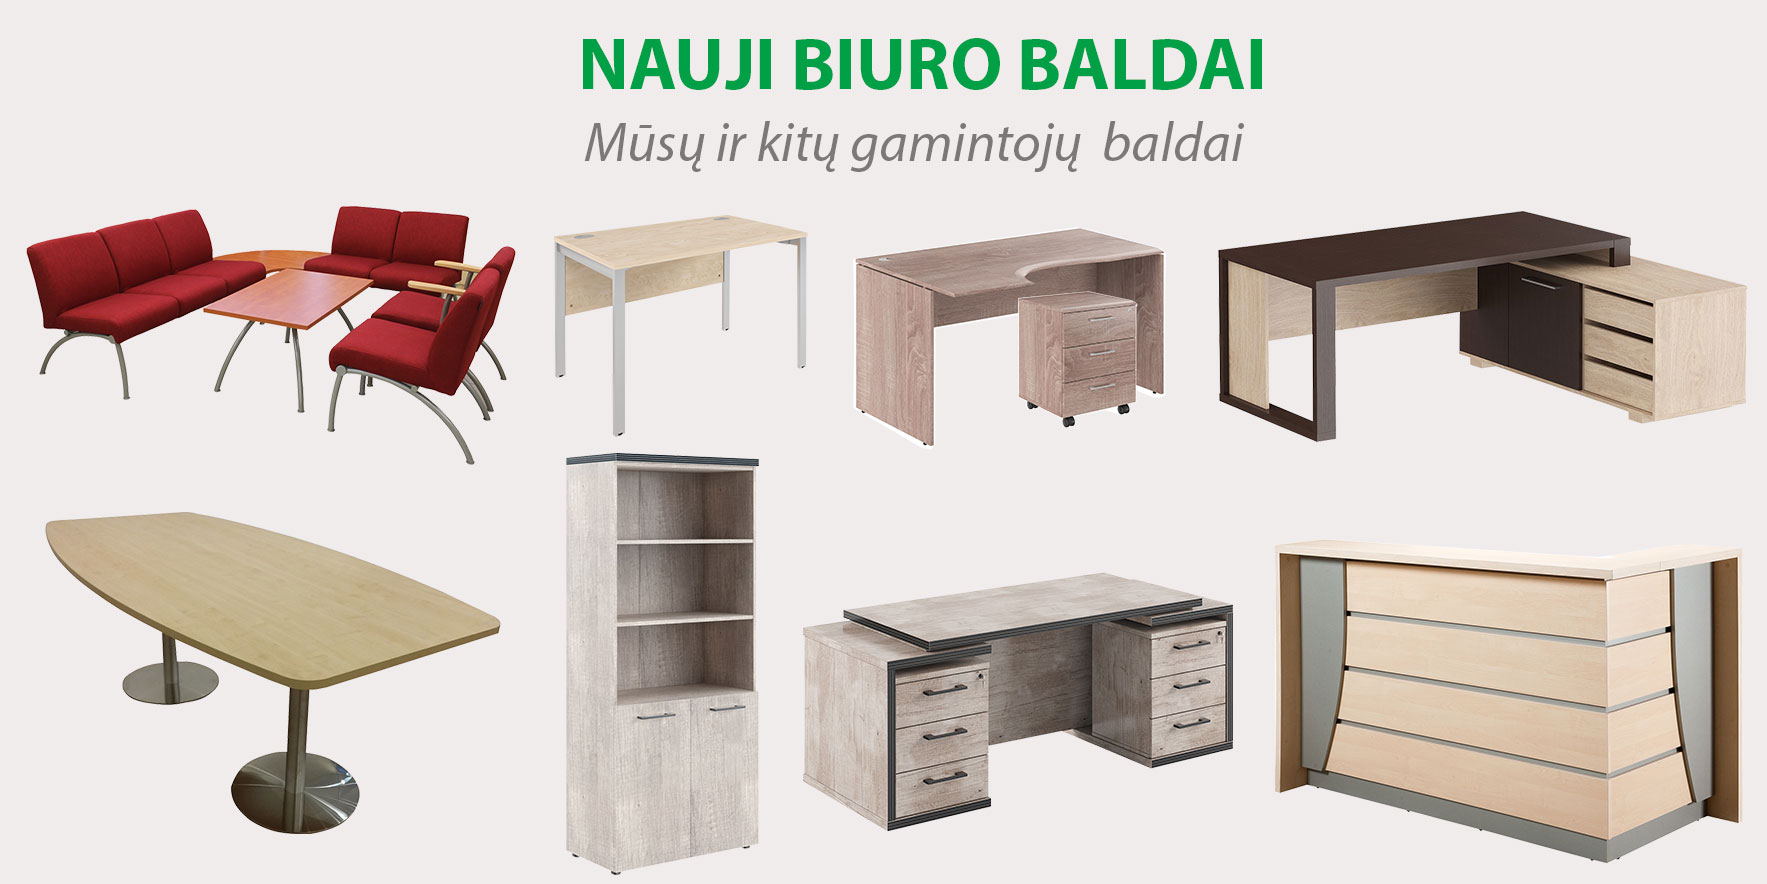 Nauji biuro baldai